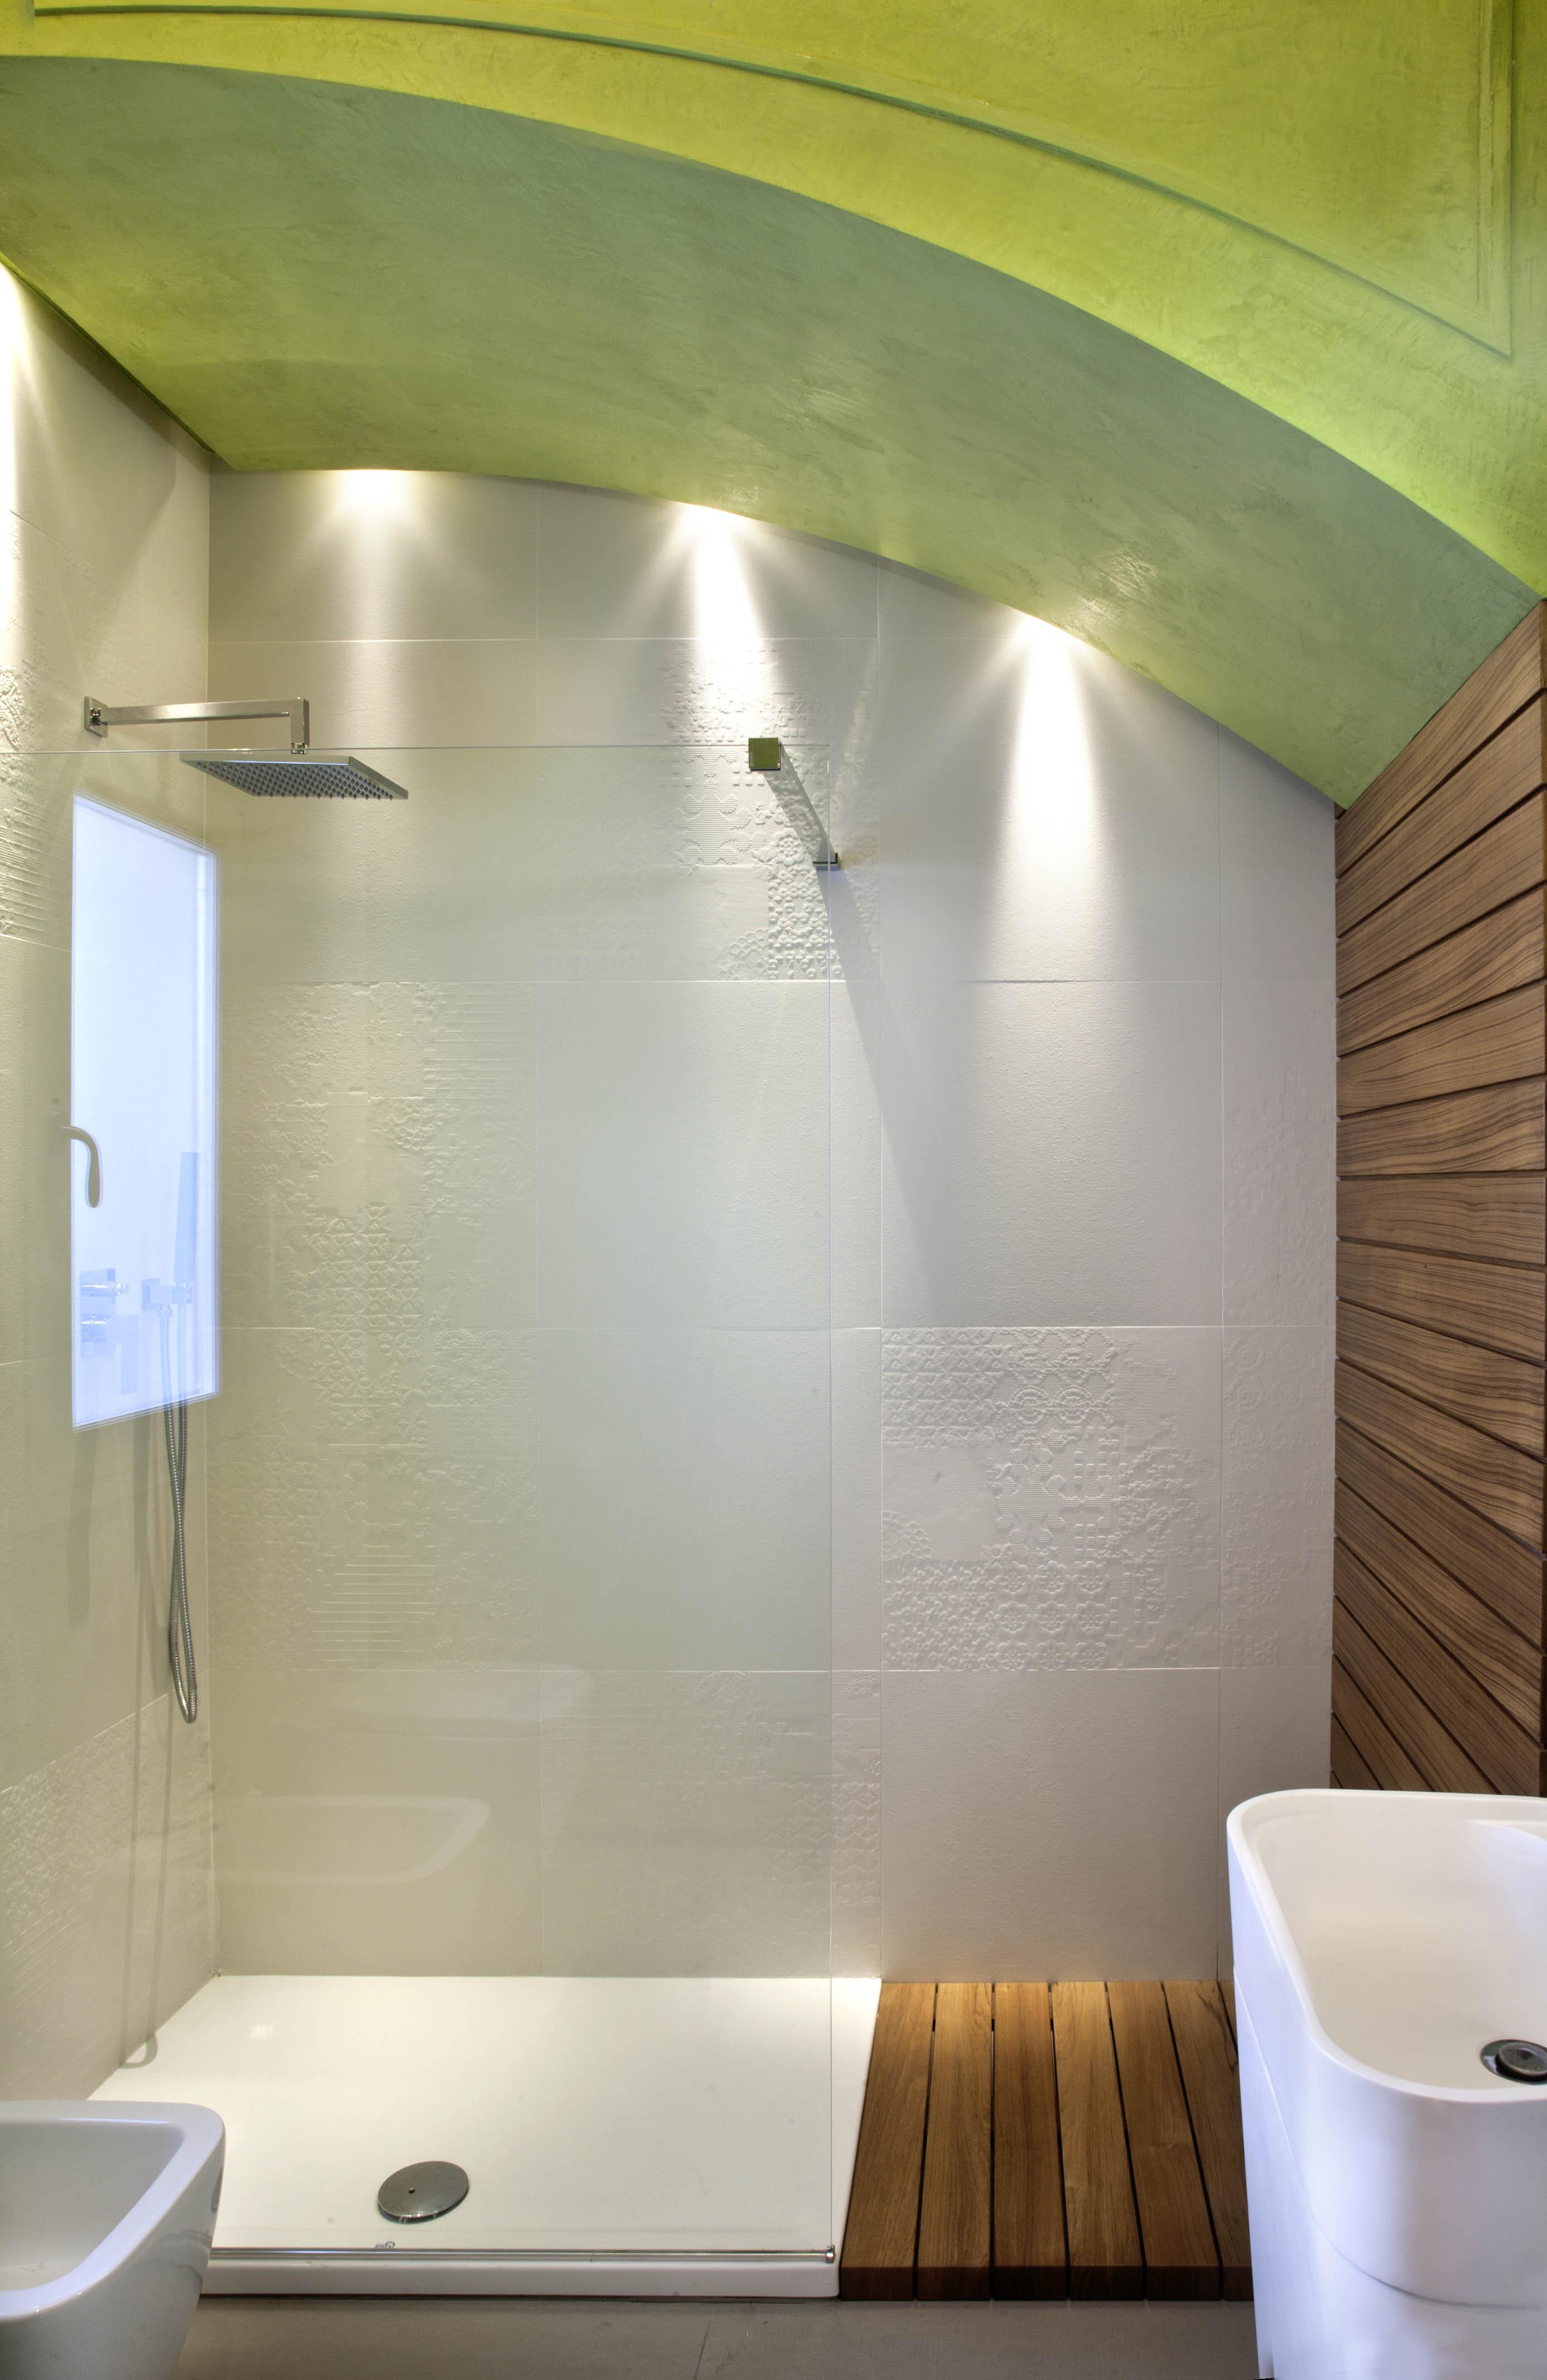 progetto classico-contemporaneo - la doccia